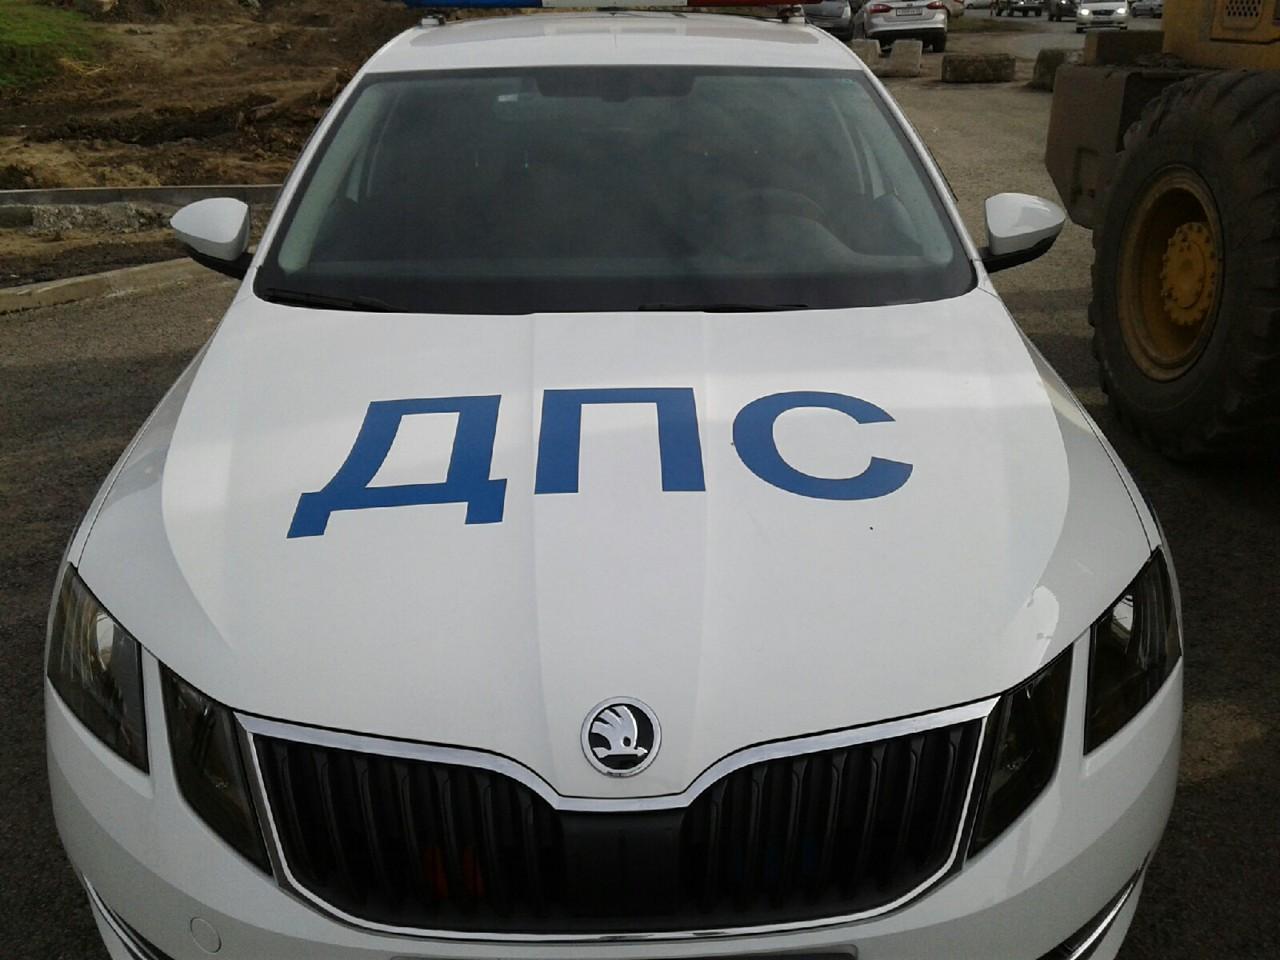 В Омской области водитель ВАЗа сбил школьника на пешеходном переходе #Новости #Общество #Омск